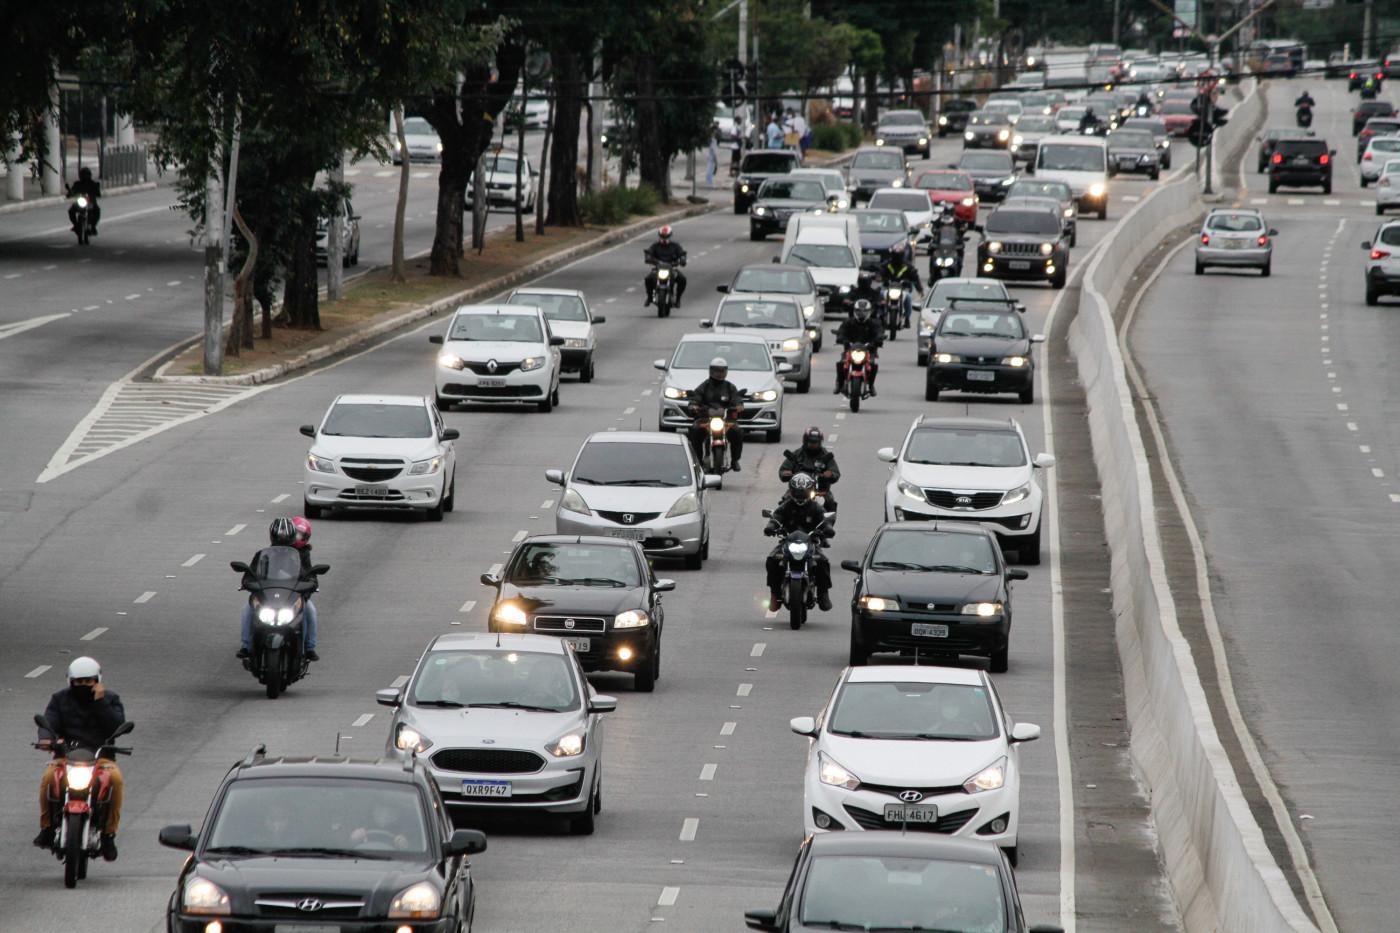 Trânsito de veículos na Avenida Prestes Maia, na região central de São Paulo, na manhã desta sexta-feira (15)